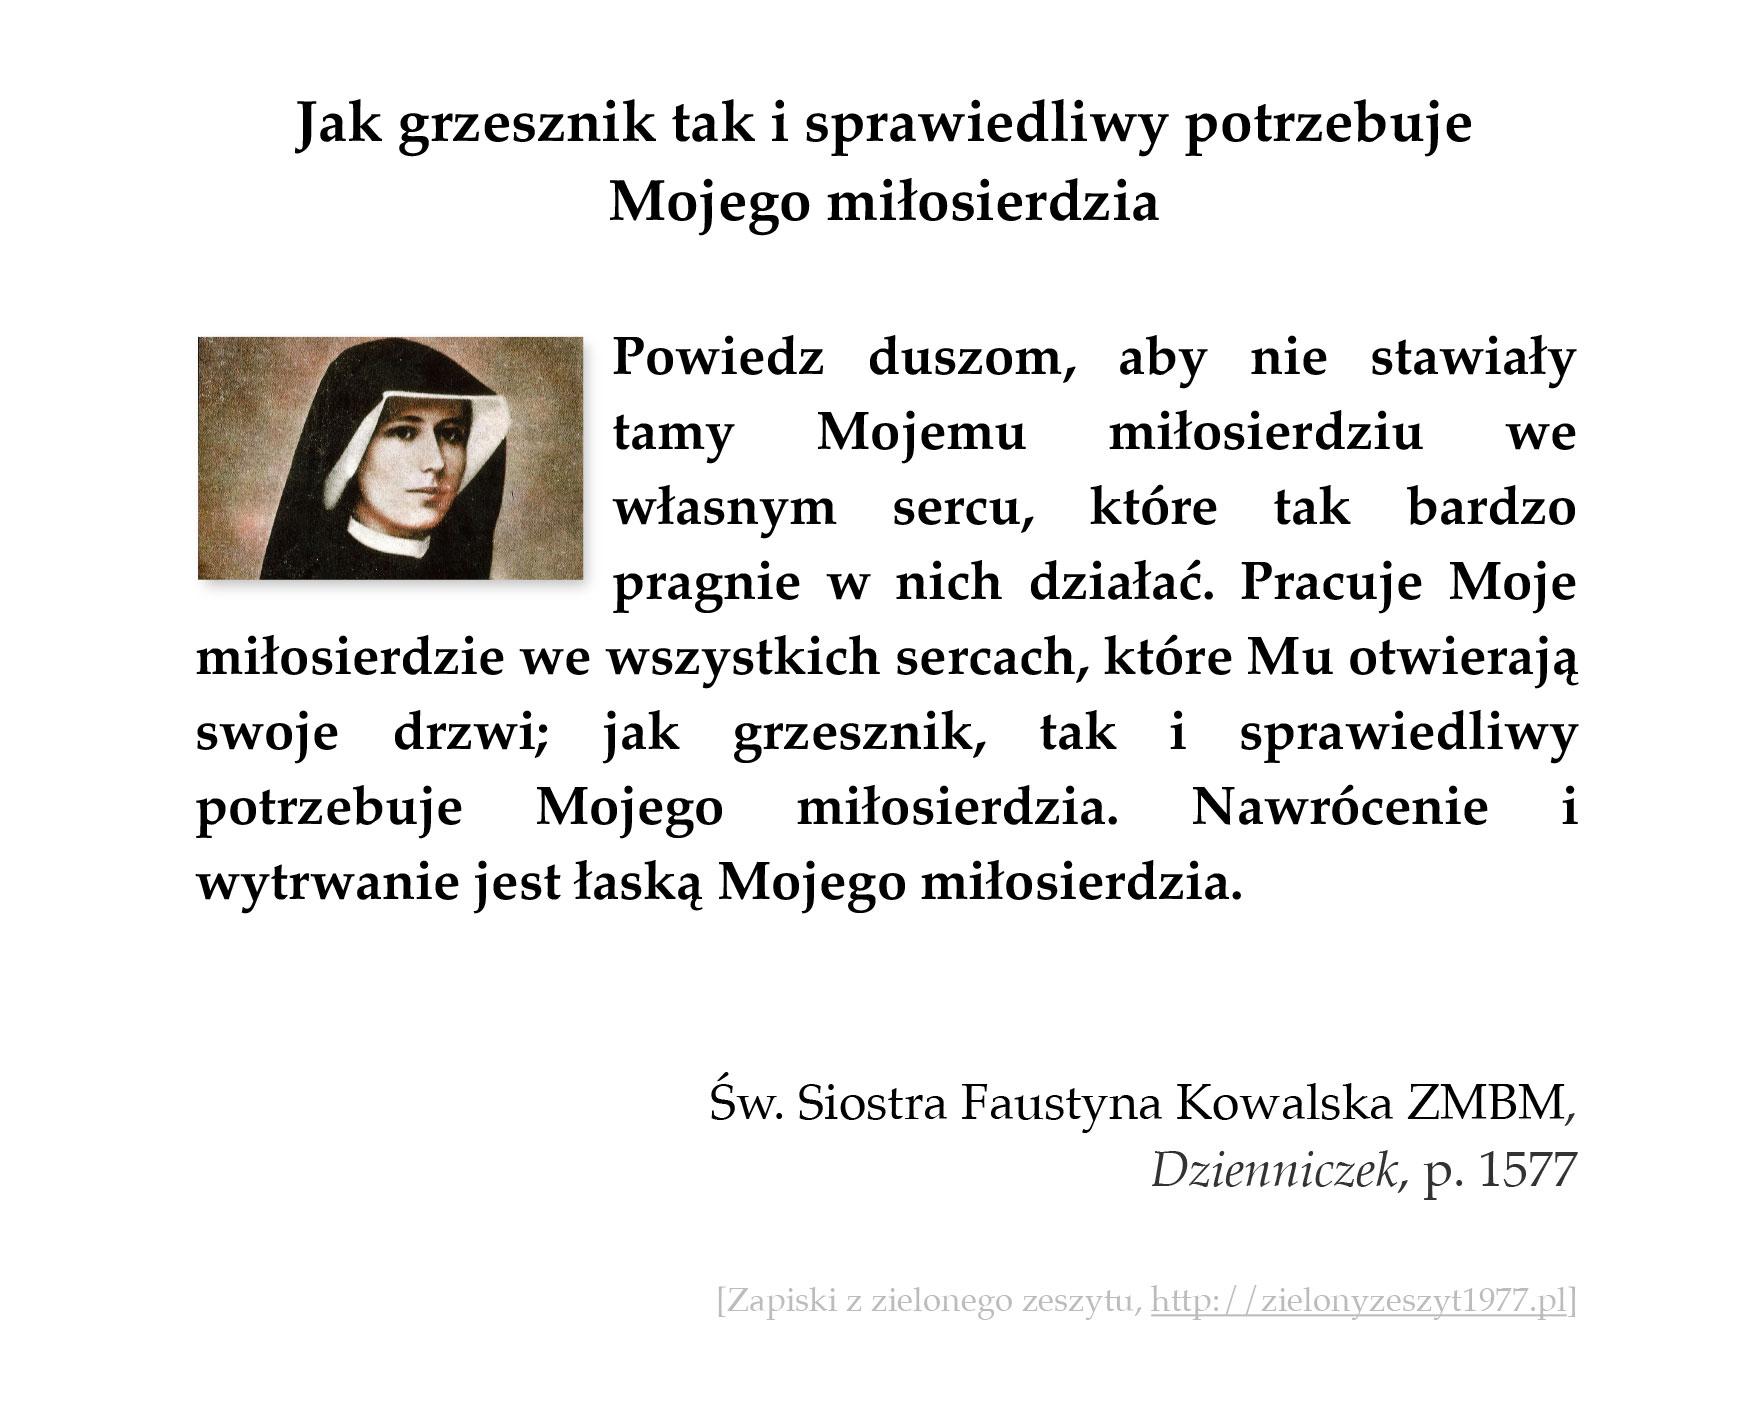 Jak grzesznik tak i sprawiedliwy potrzebuje Mojego miłosierdzia; św. Faustyna Kowalska